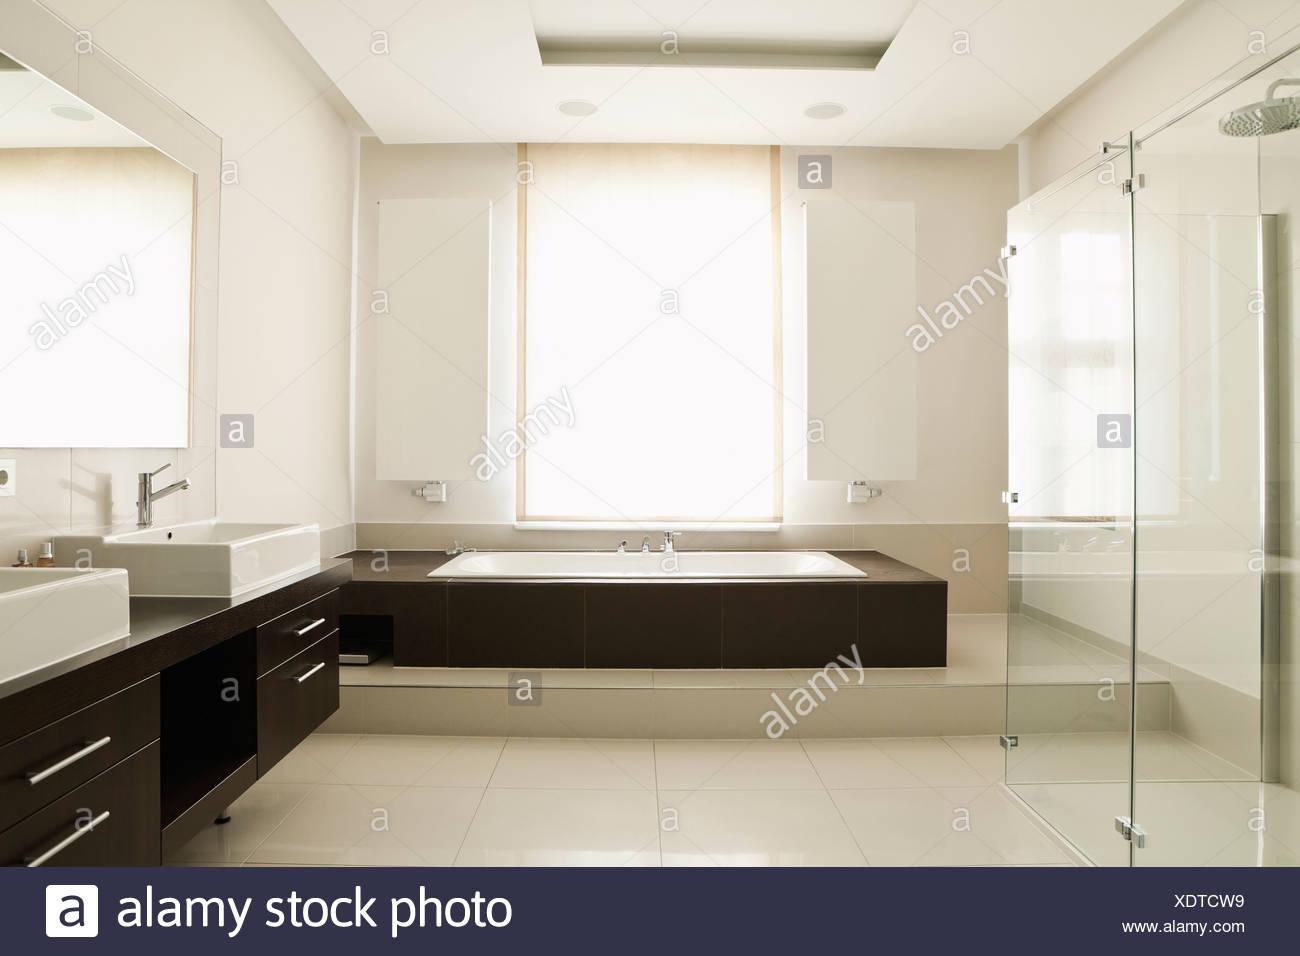 Salle De Bain Allemagne allemagne, berlin, d'une salle de bains moderne banque d